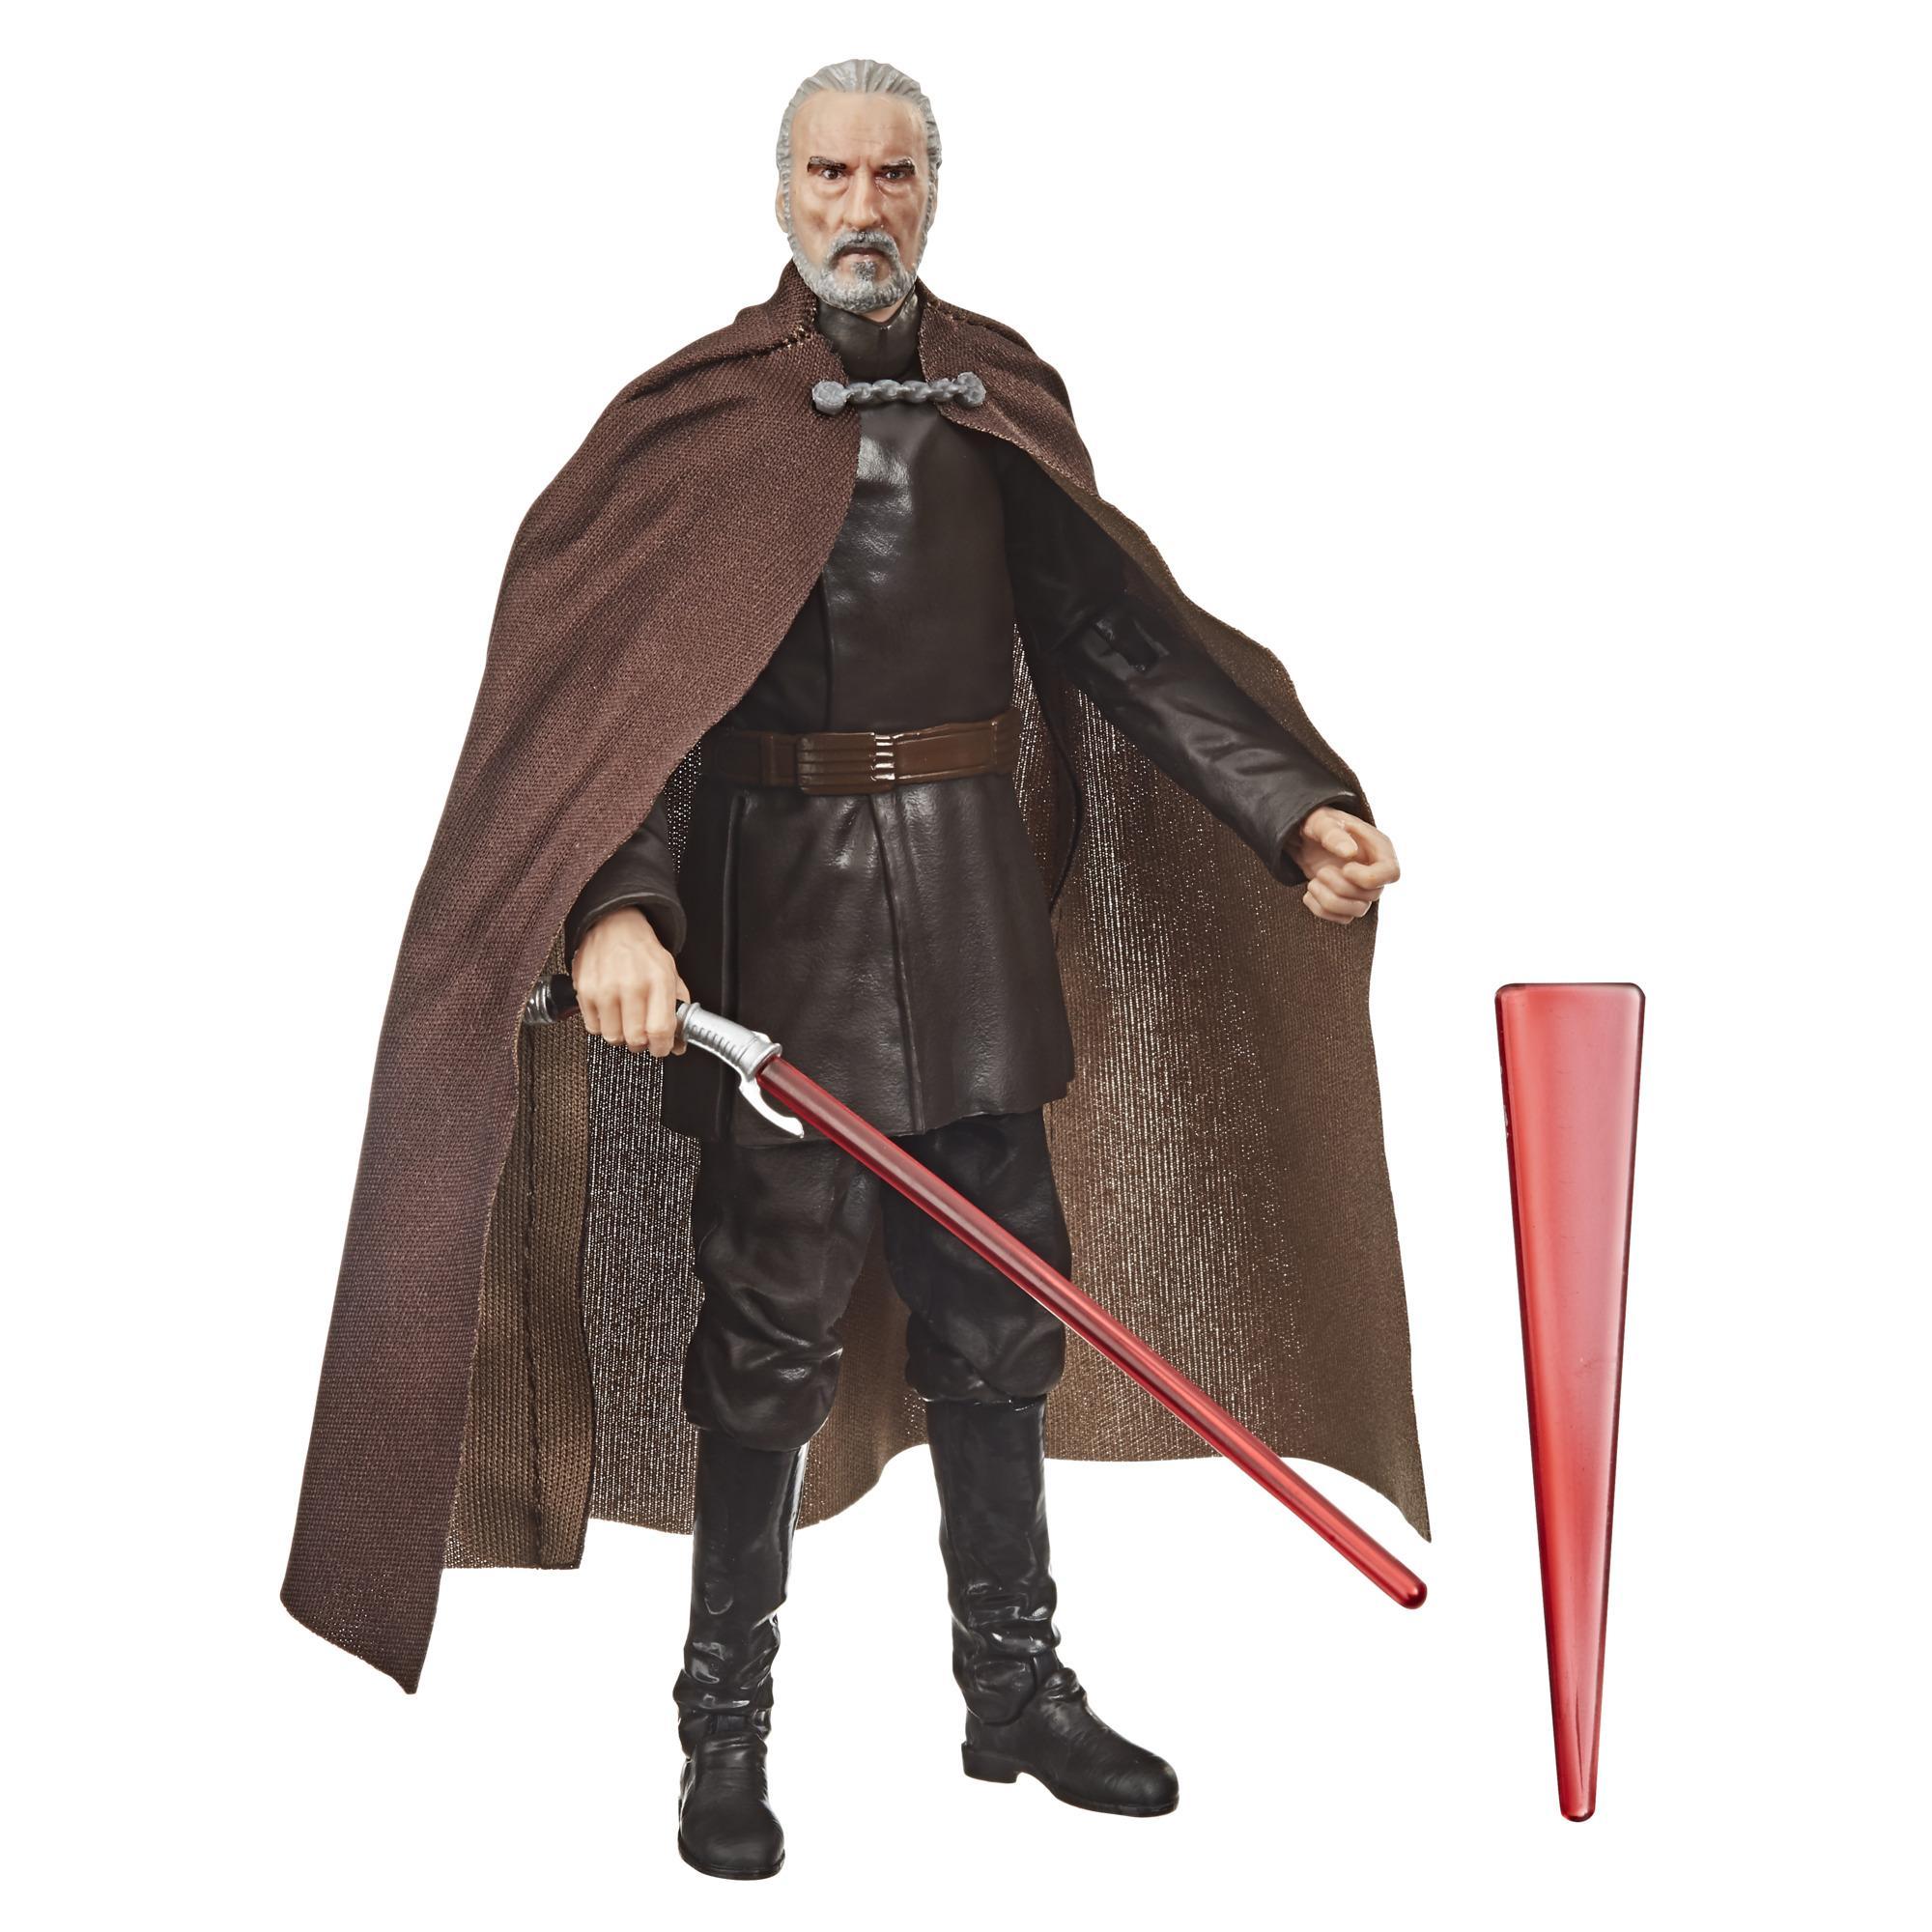 Count Dooku-legetøj fra Star Wars The Black Series, Star Wars: Attack of the Clones-actionsamlerfigur på 15cm